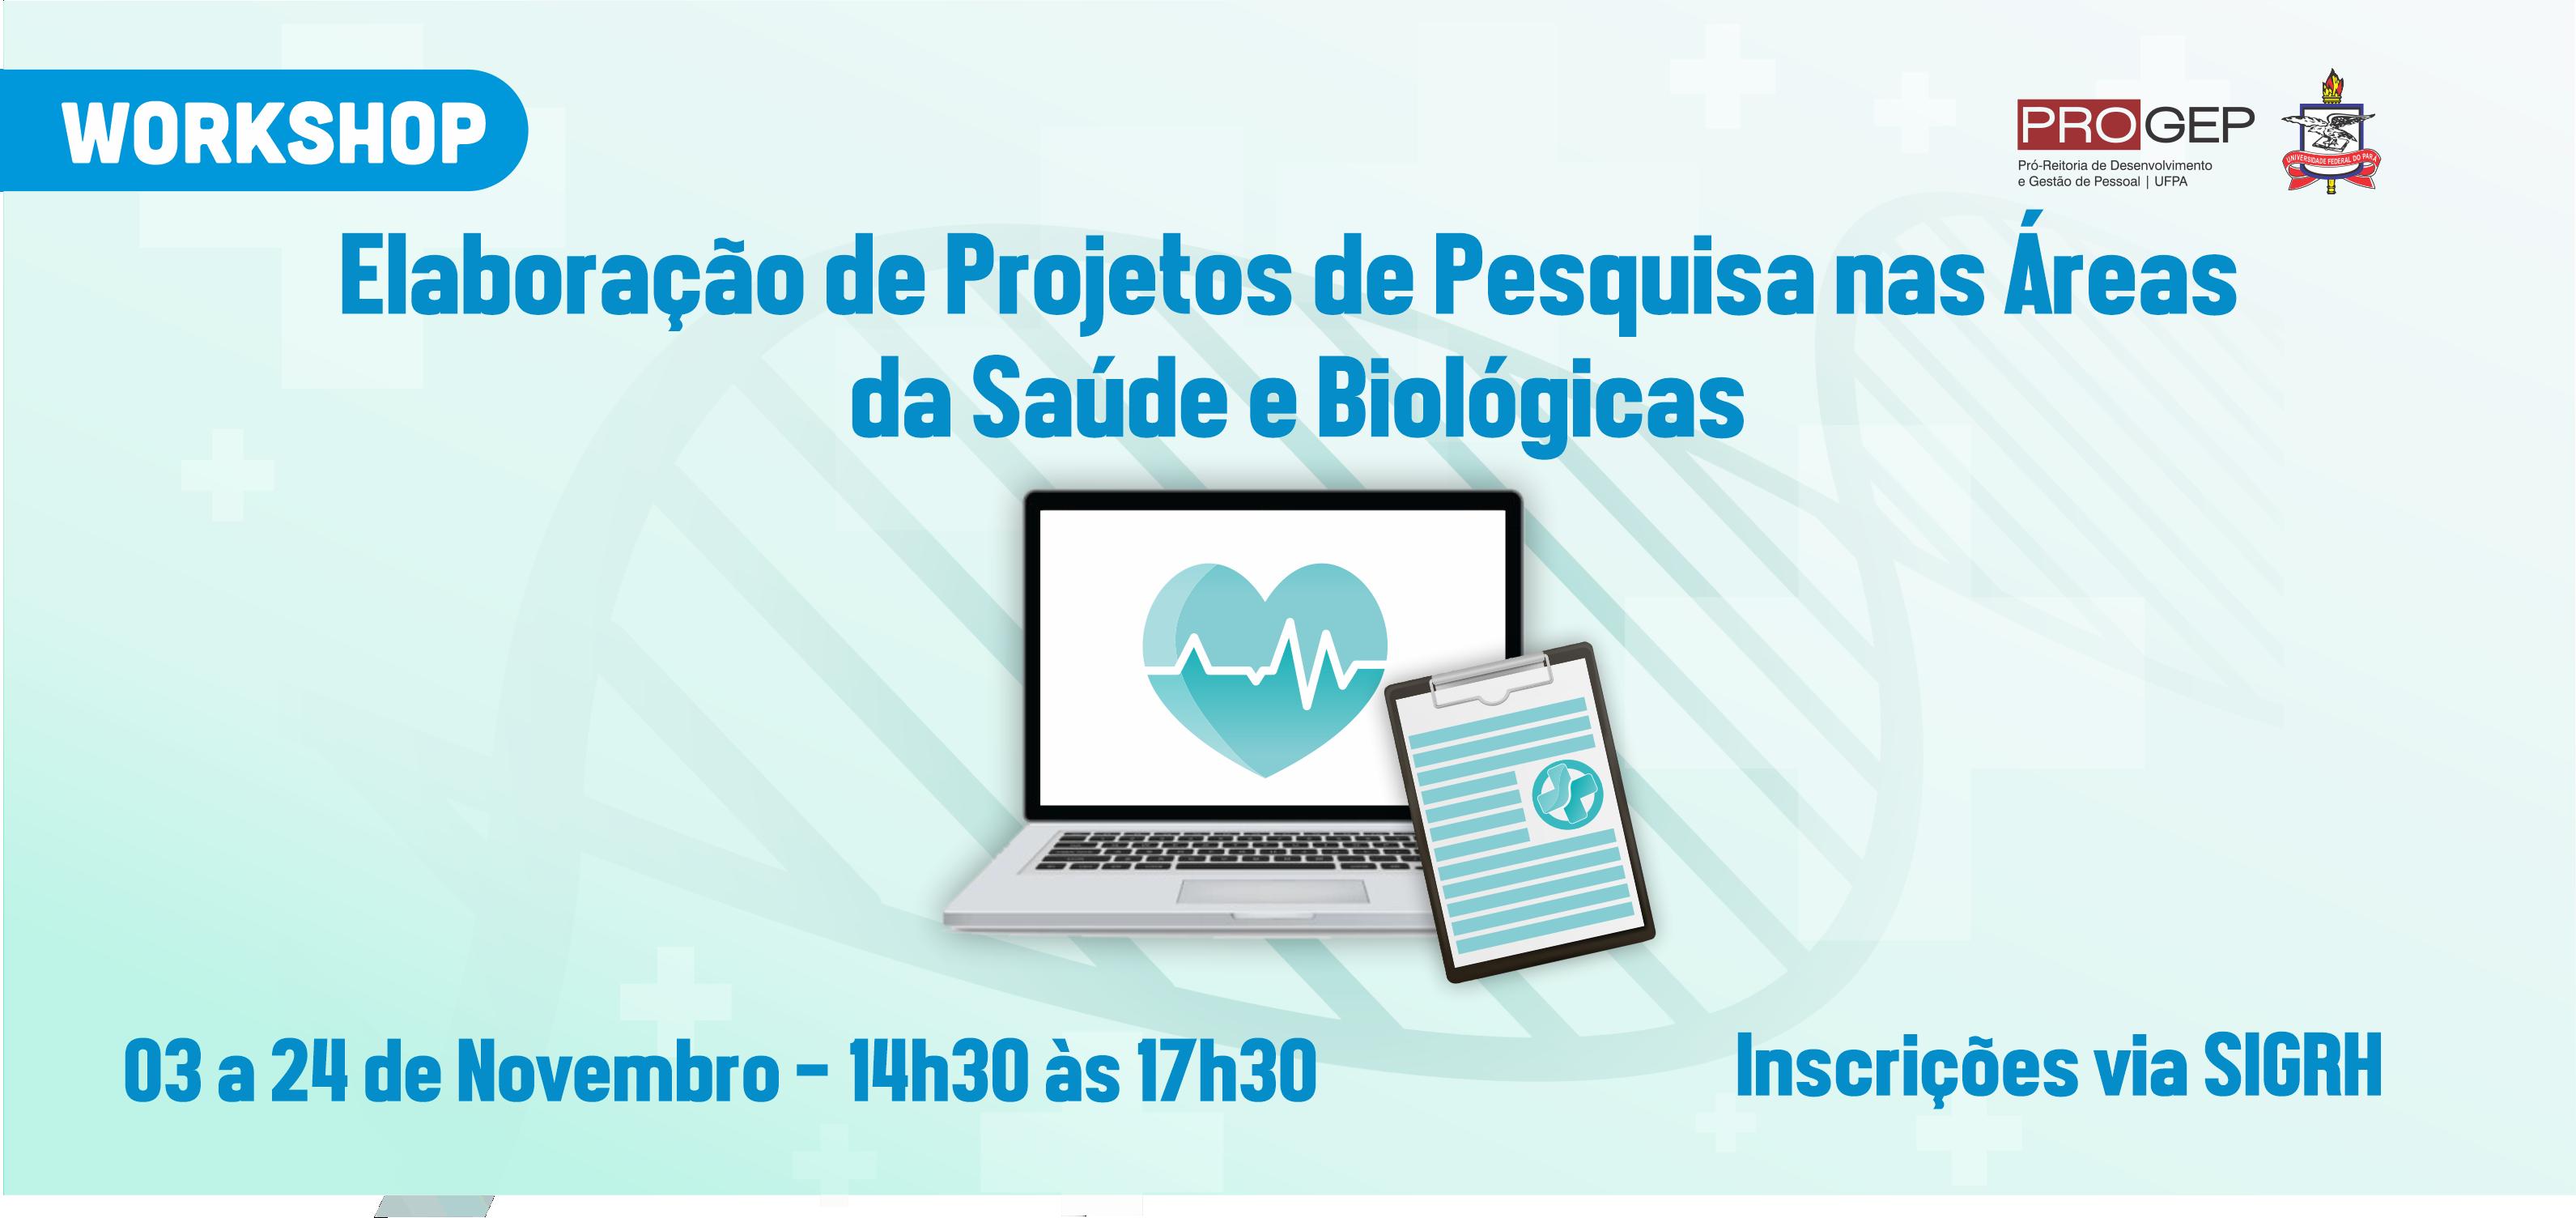 Workshop Elaboração de Projetos de Pesquisa nas áreas da Saúde e Biológicas recebe inscrições